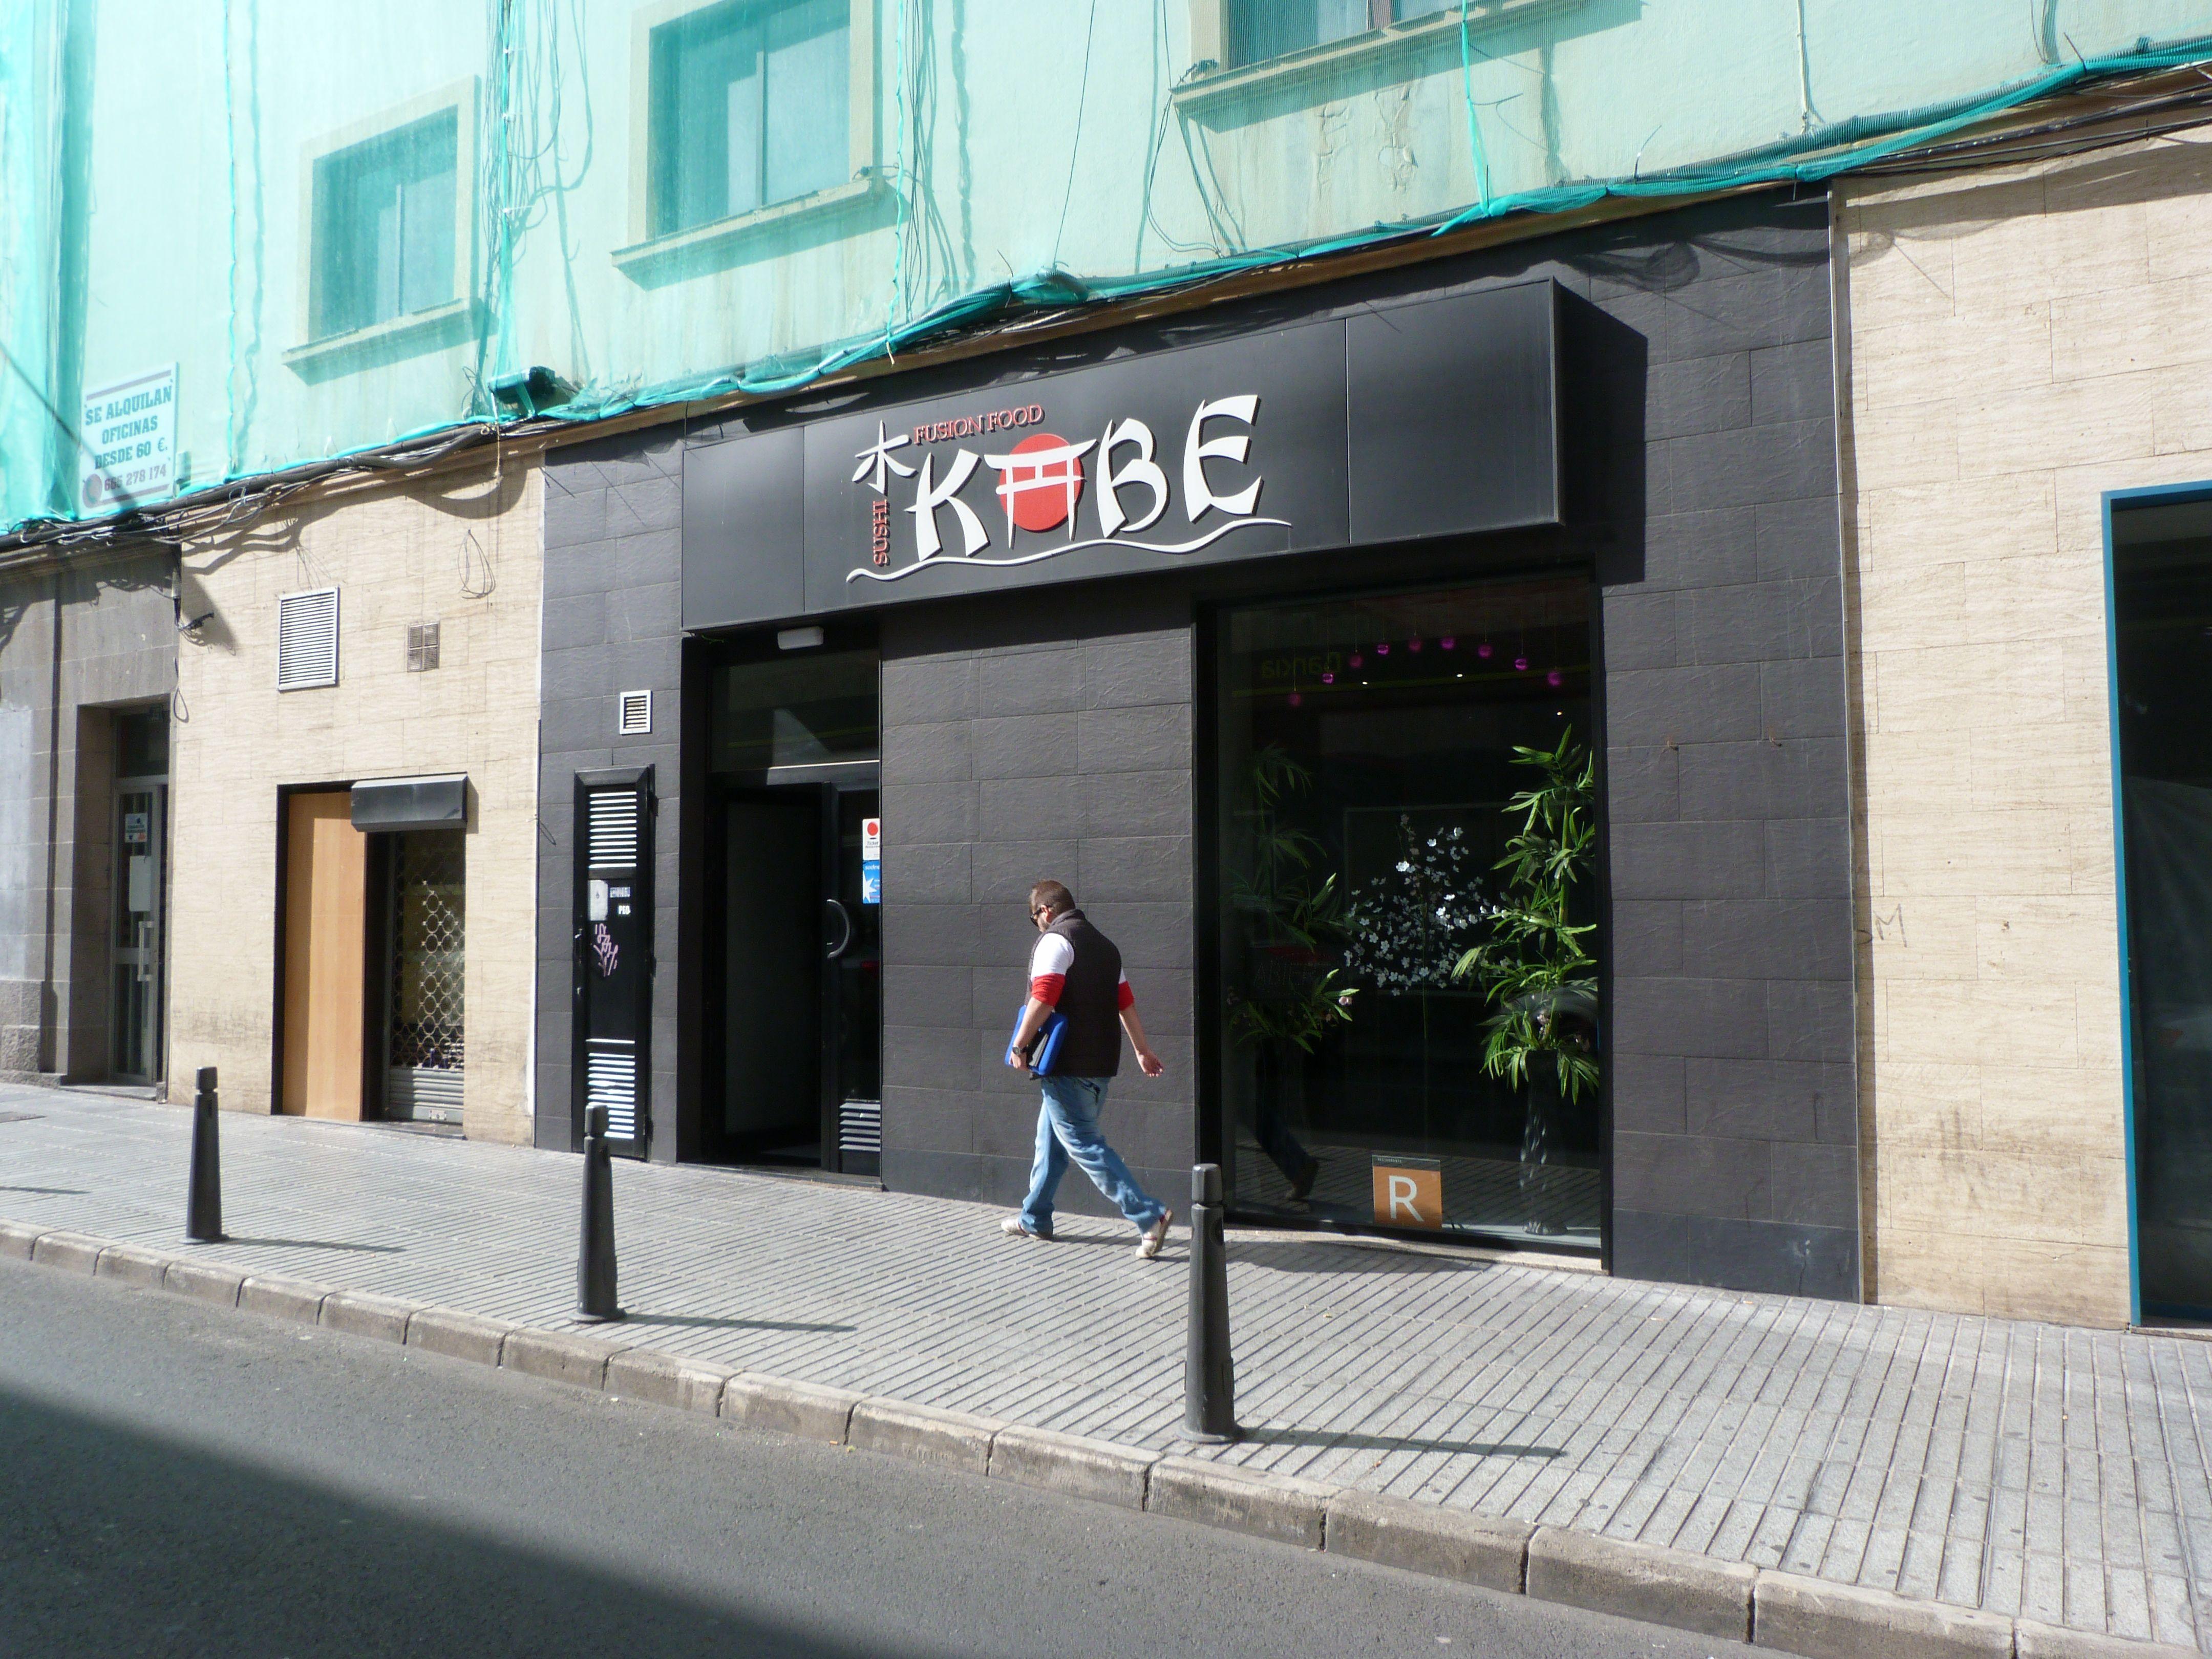 Foto 5 de Cocina japonesa en Las Palmas de Gran Canaria | Restaurante Sushi Food Kobe